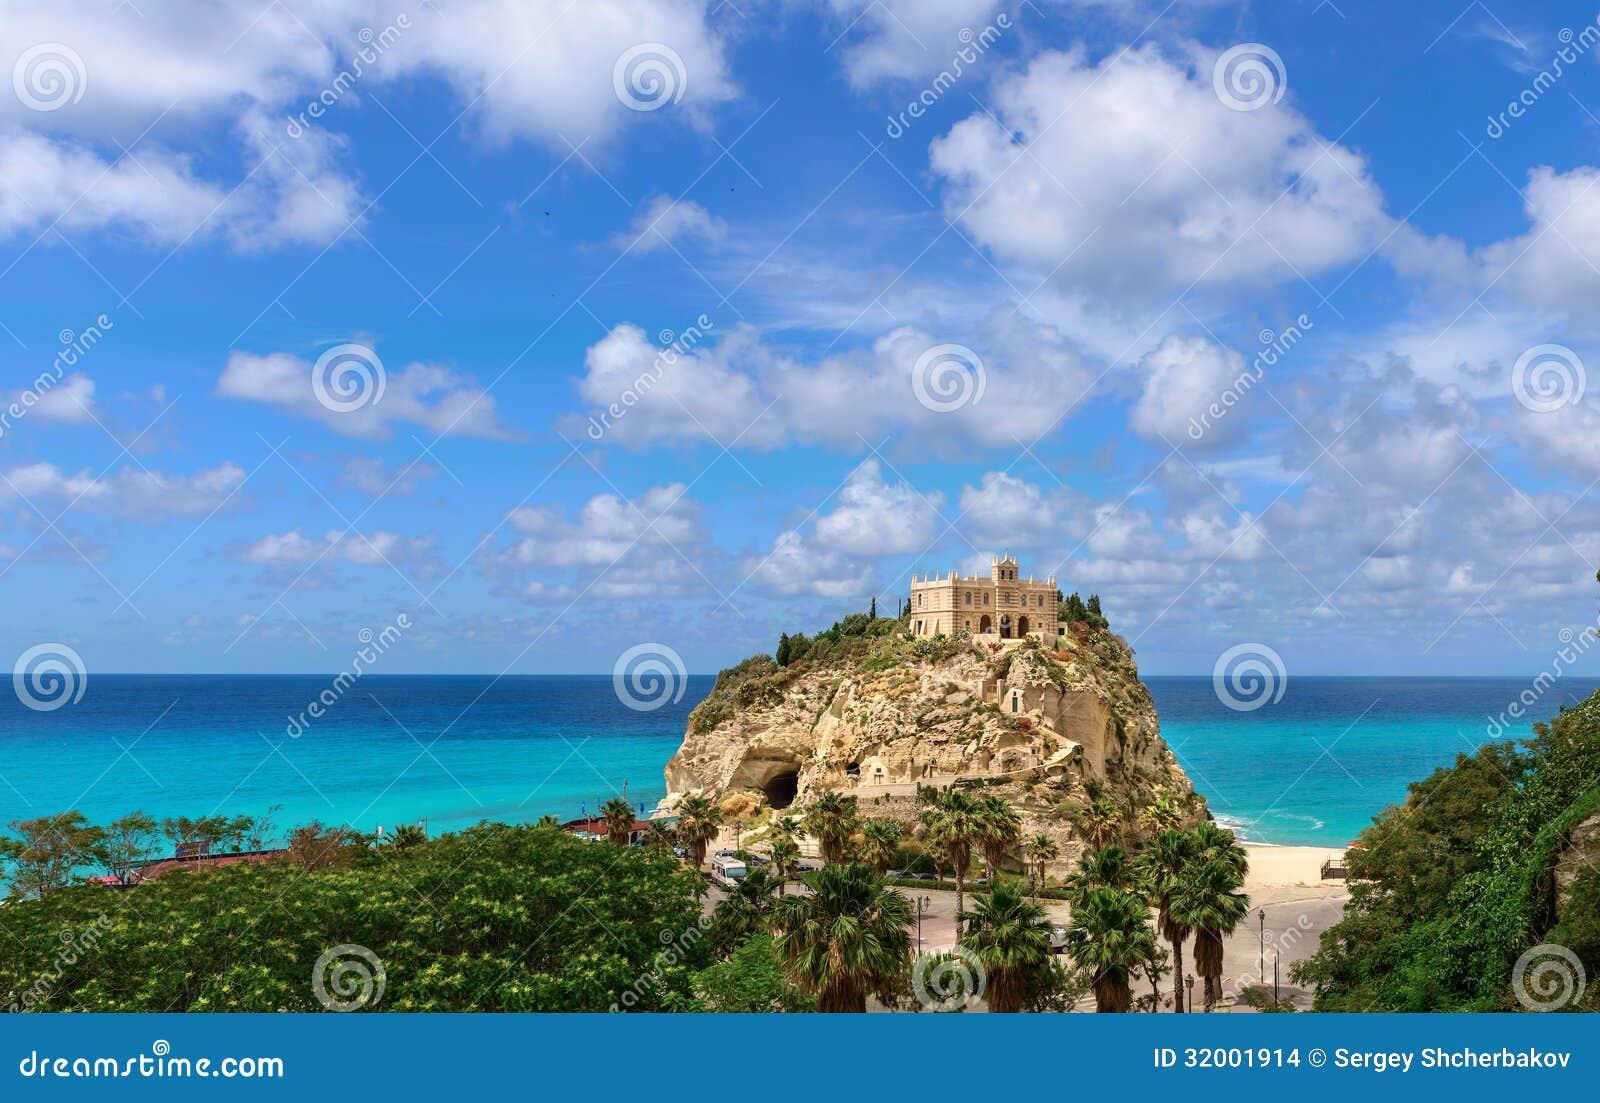 Best Buy Castle Rock >> Rock In Italian Best Buy Brantford